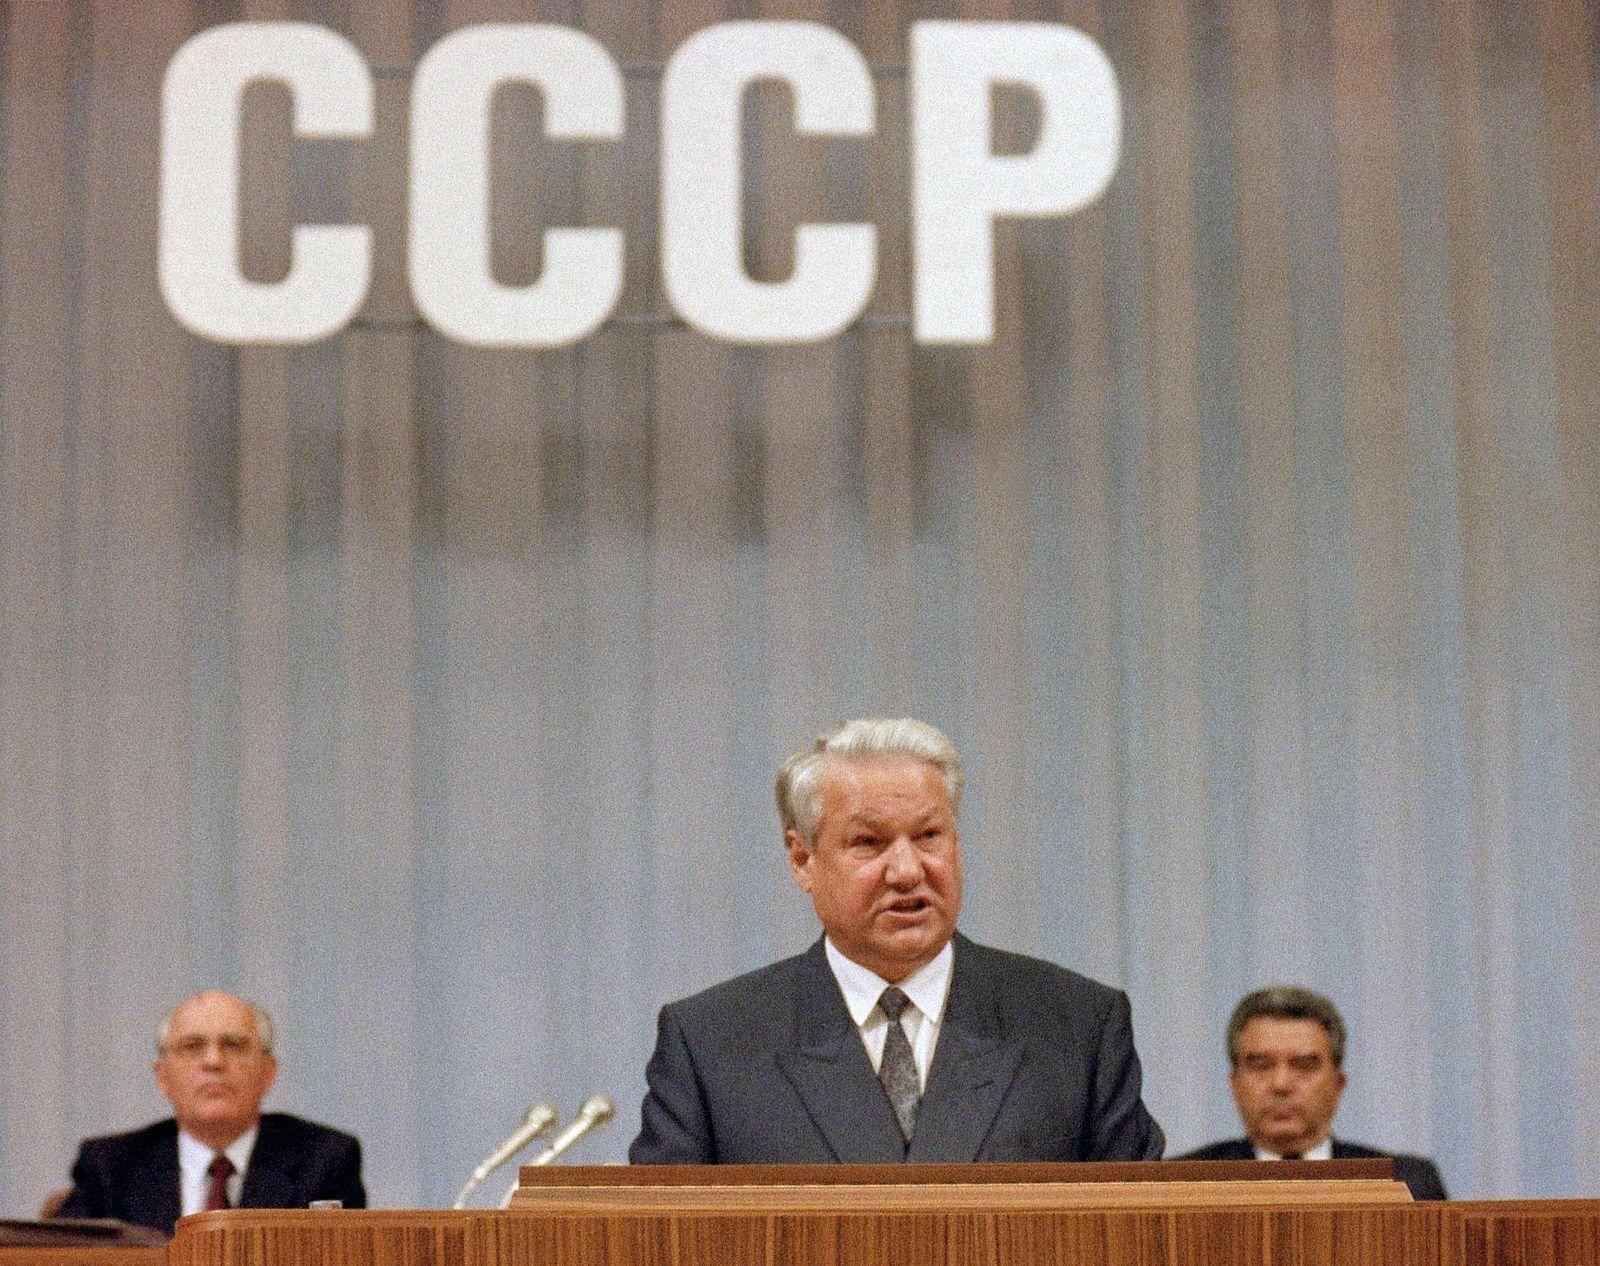 USSR-YELTSIN-GORBACHEV